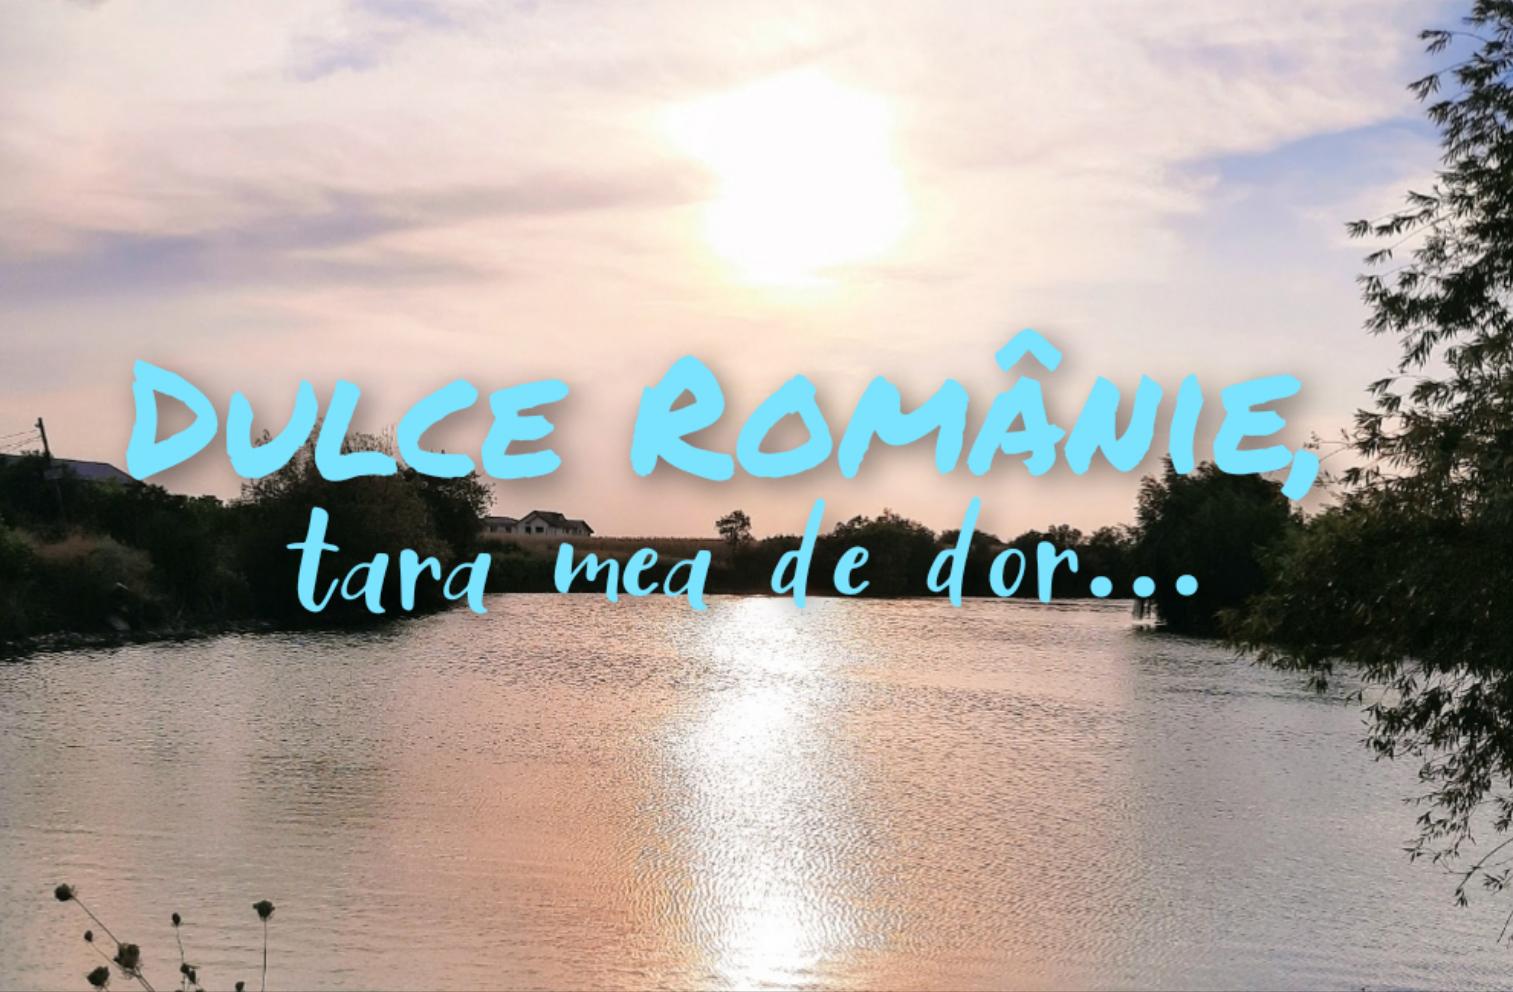 Poezie - Dulce Românie